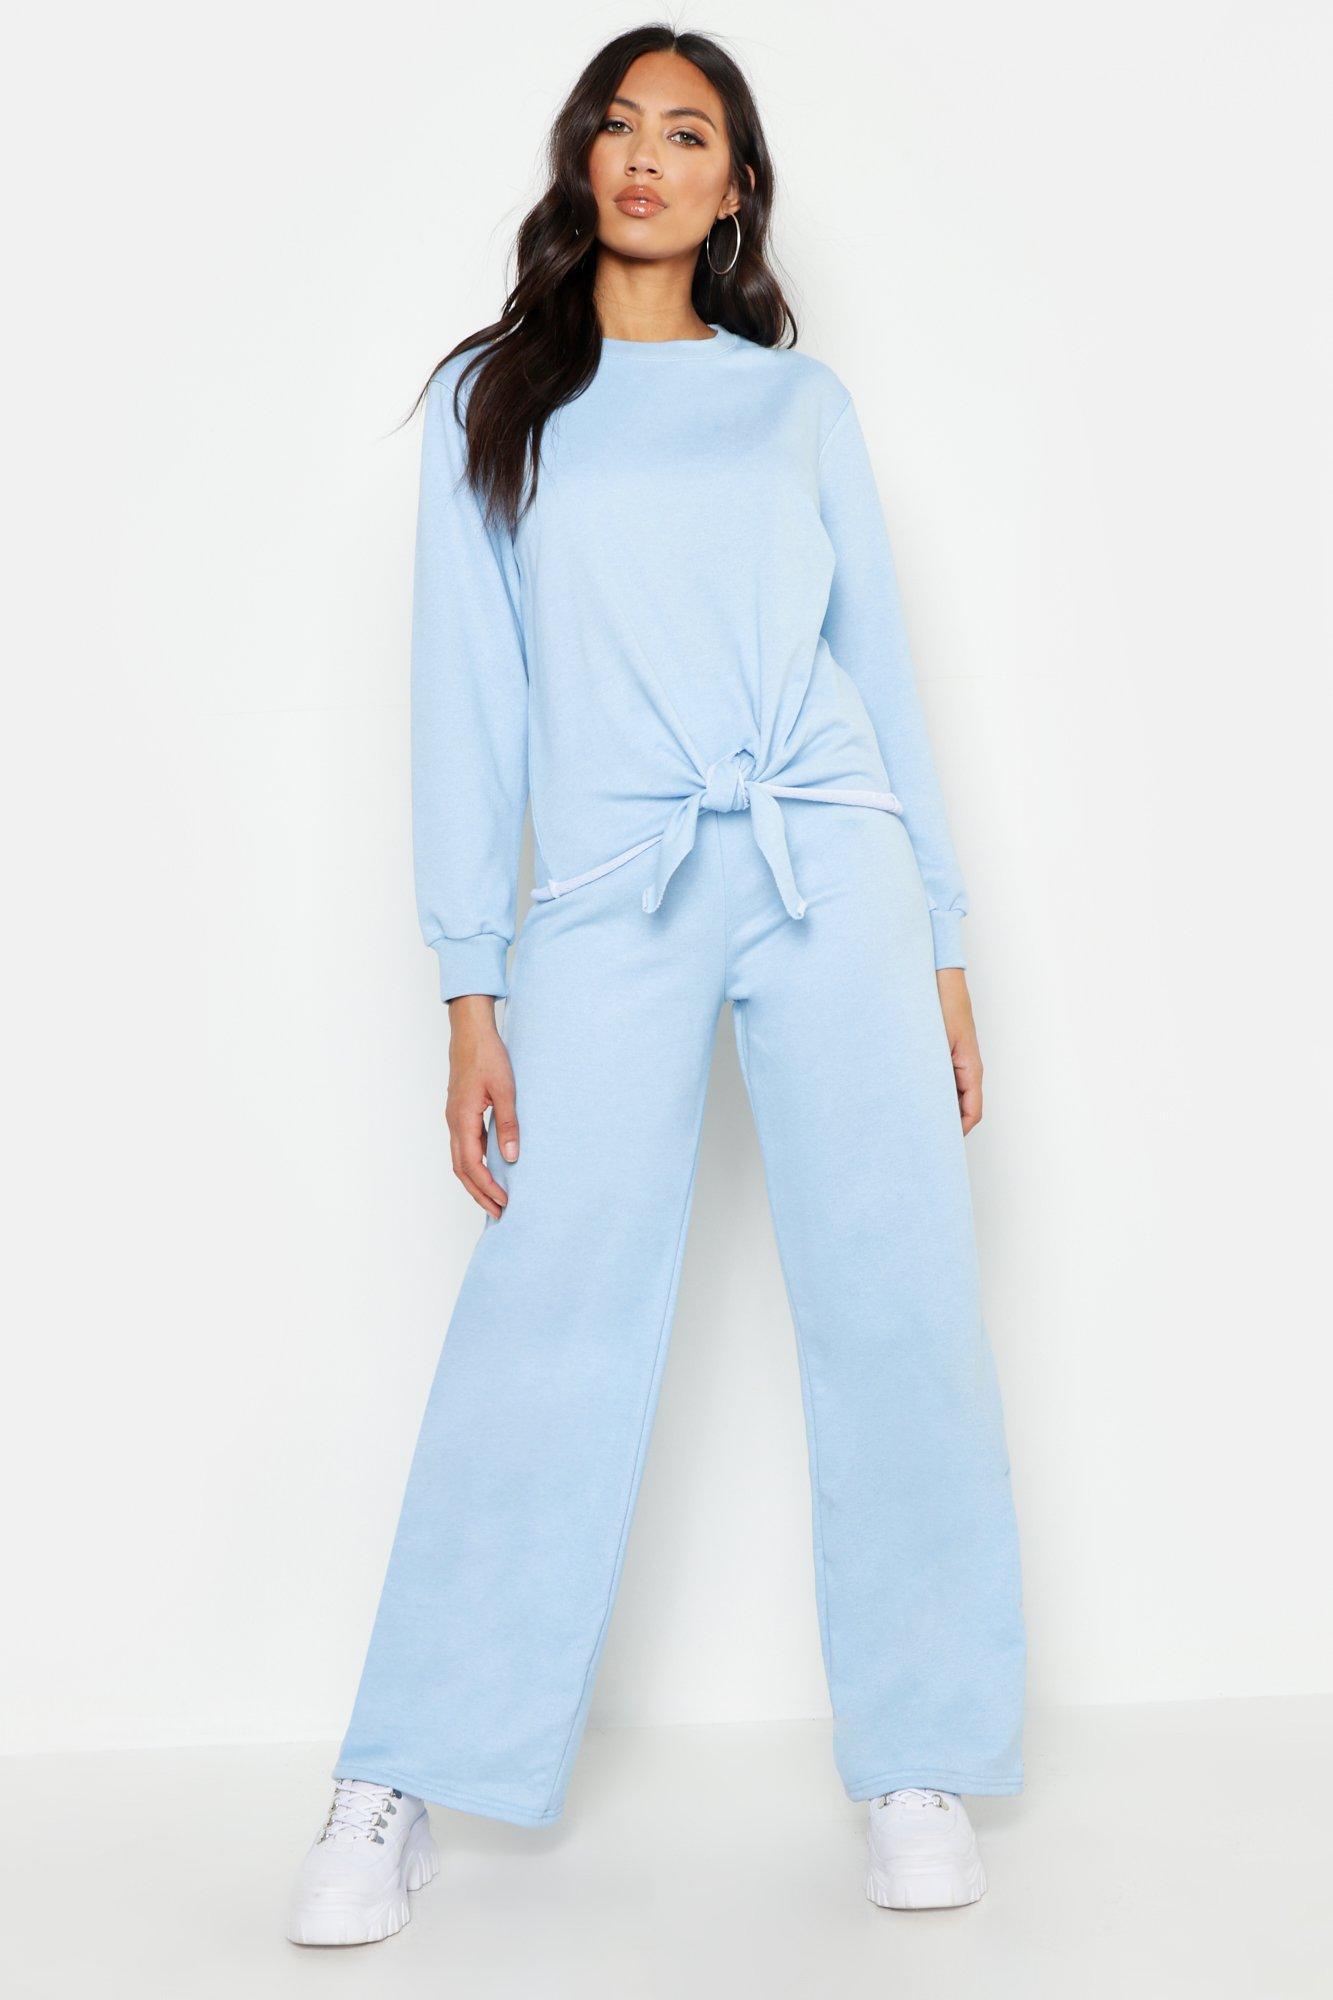 Womens Trainingsanzug mit weitem Bein und Zierknoten - himmelblau - 34, Himmelblau - Boohoo.com